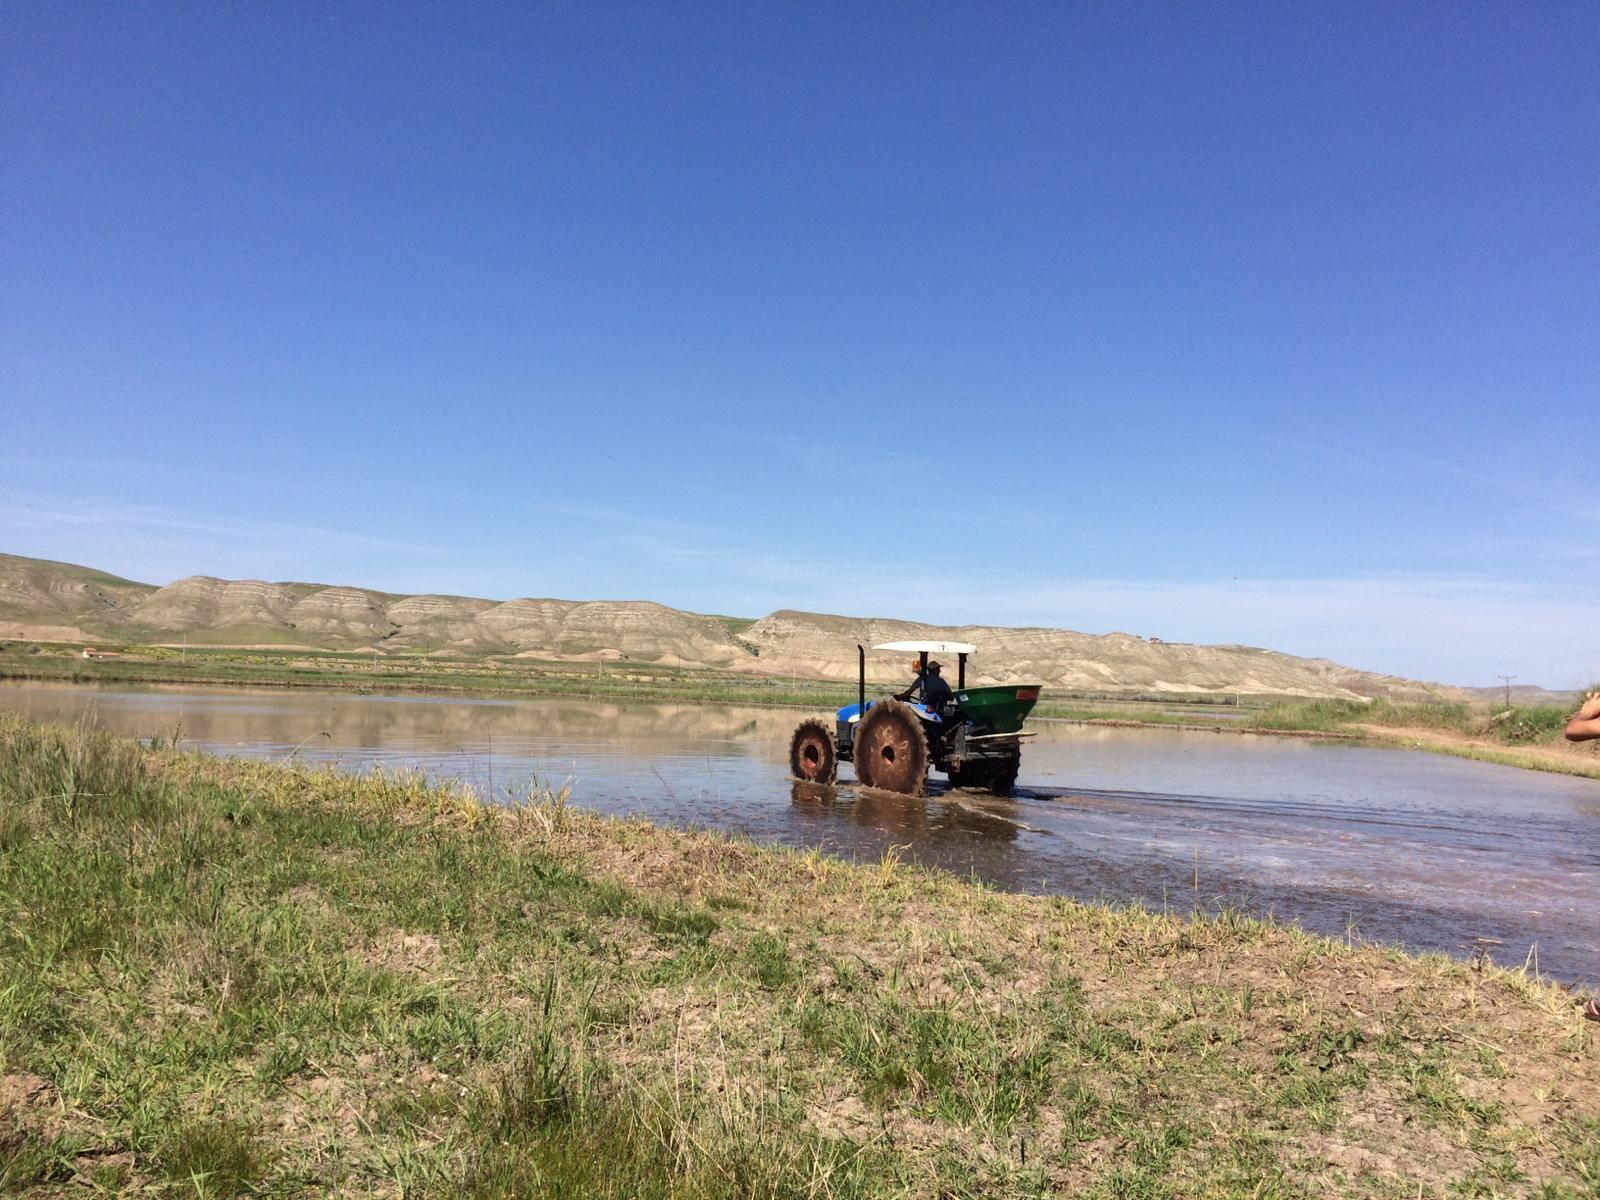 İlçede çeltik ekilen tek köy olan Kula köyünde, çiftçiler ekime başladı. Tarlalarını özenle hazırlayarak su salınımını yapan çiftçiler, çeltik tohumlarını toprakla buluşturdu. | Sungurlu Haber